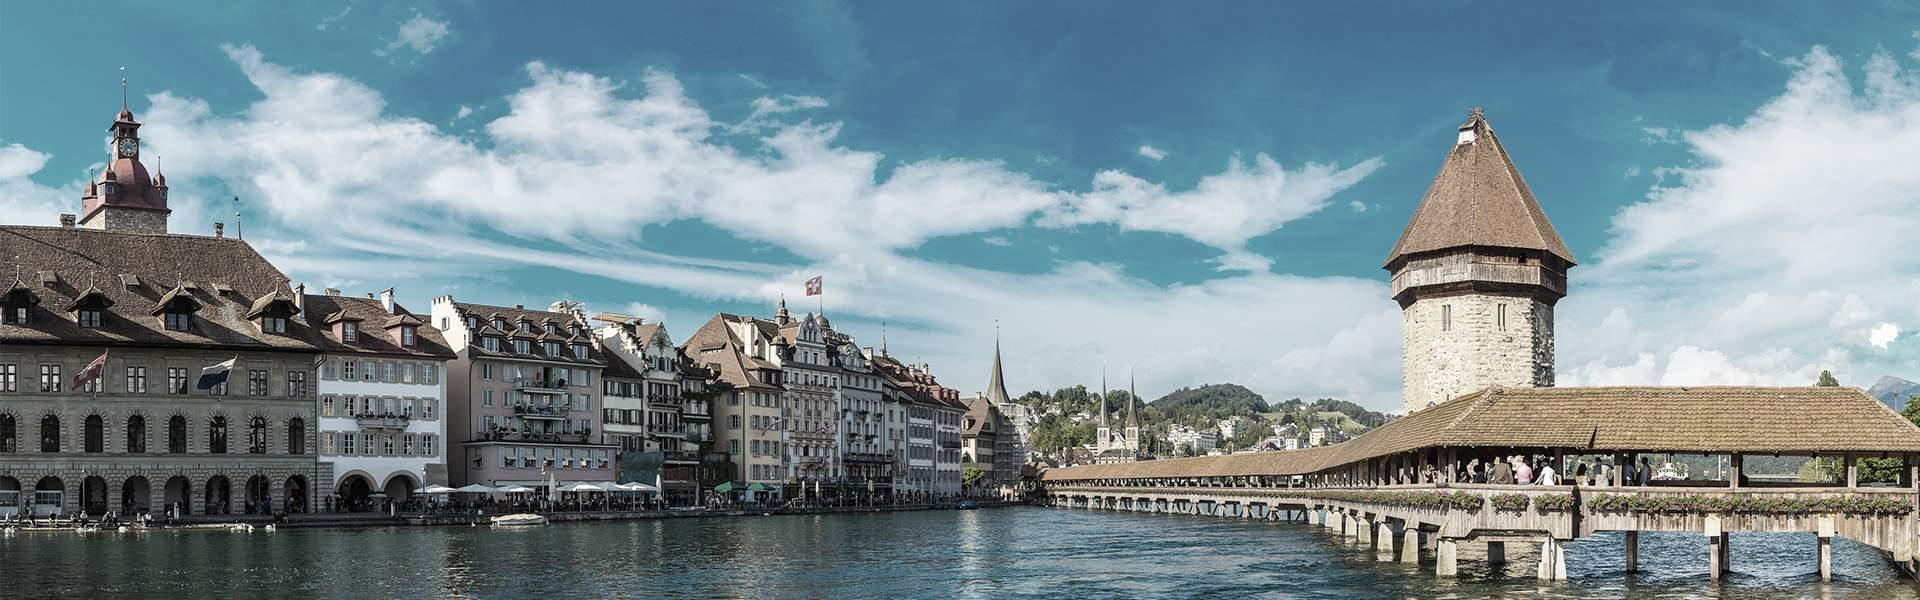 γνωριμίες σε ιστότοπους στην Ελβετία